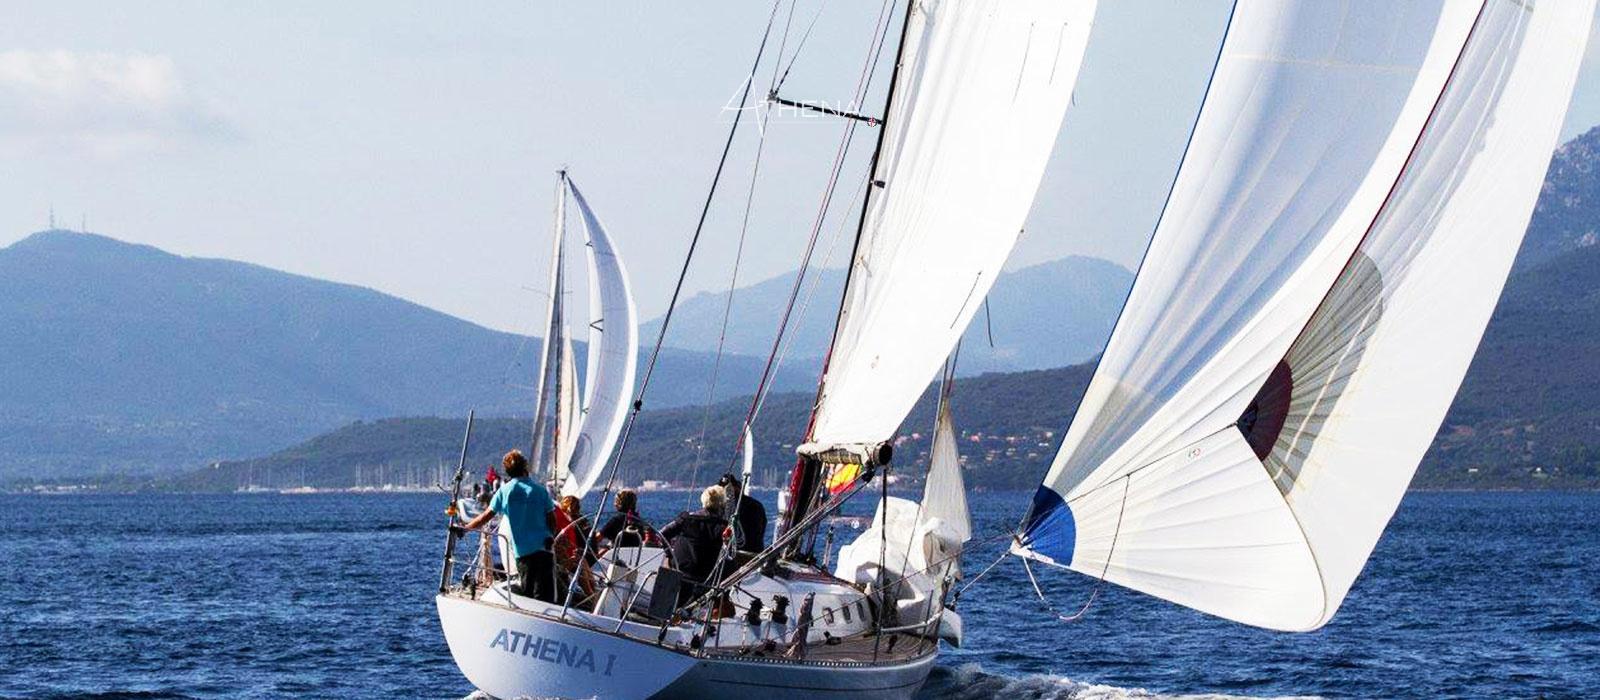 Athena - Barca a vela per escursioni in Sardegna